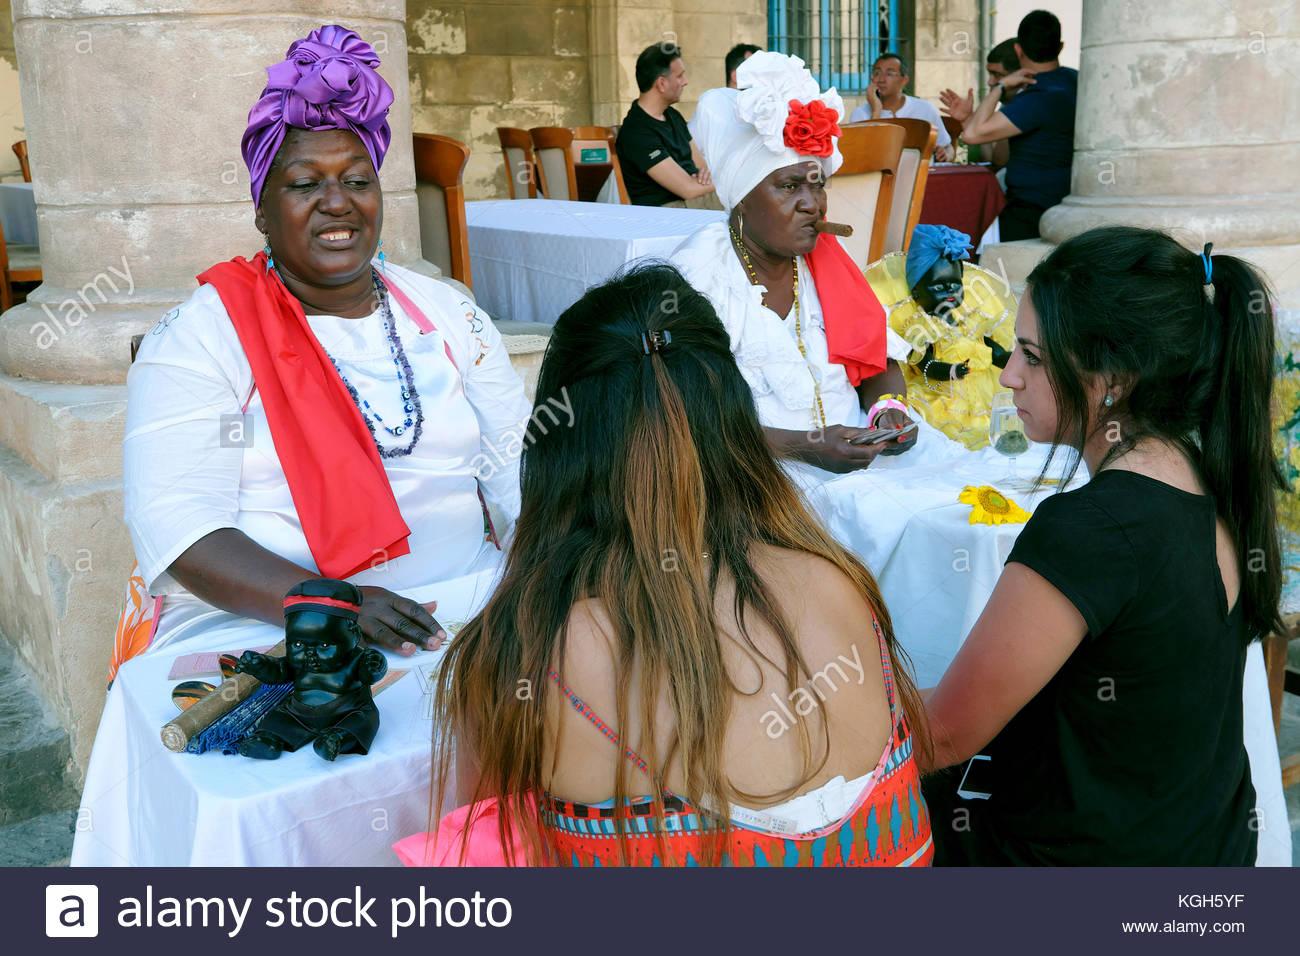 Fortune teller, Plaza de la Catedral Square, Havana, Cuba - Stock Image